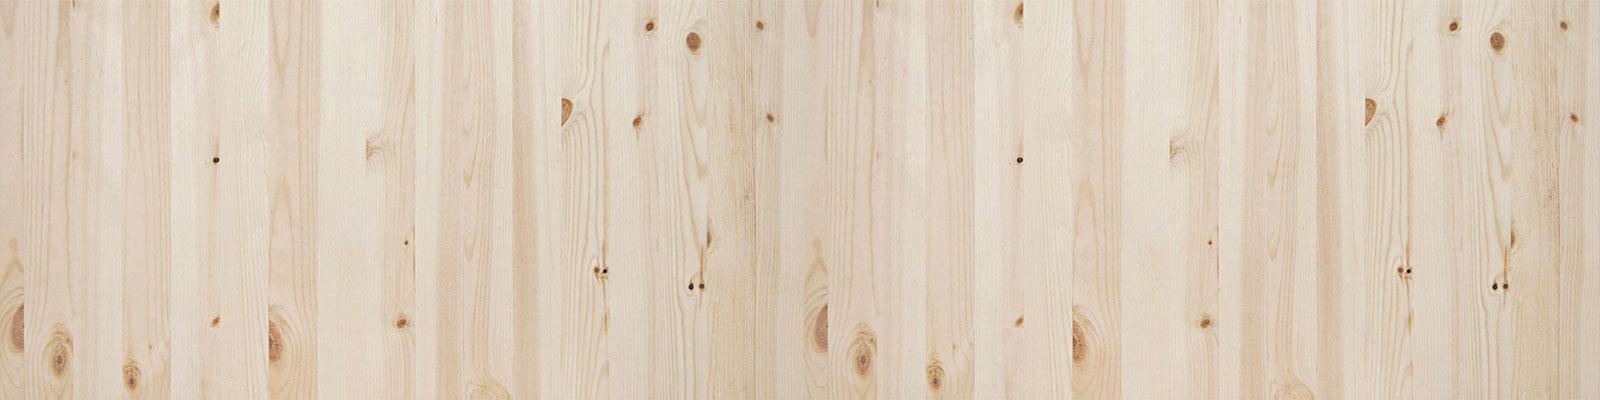 slider-bg-wood